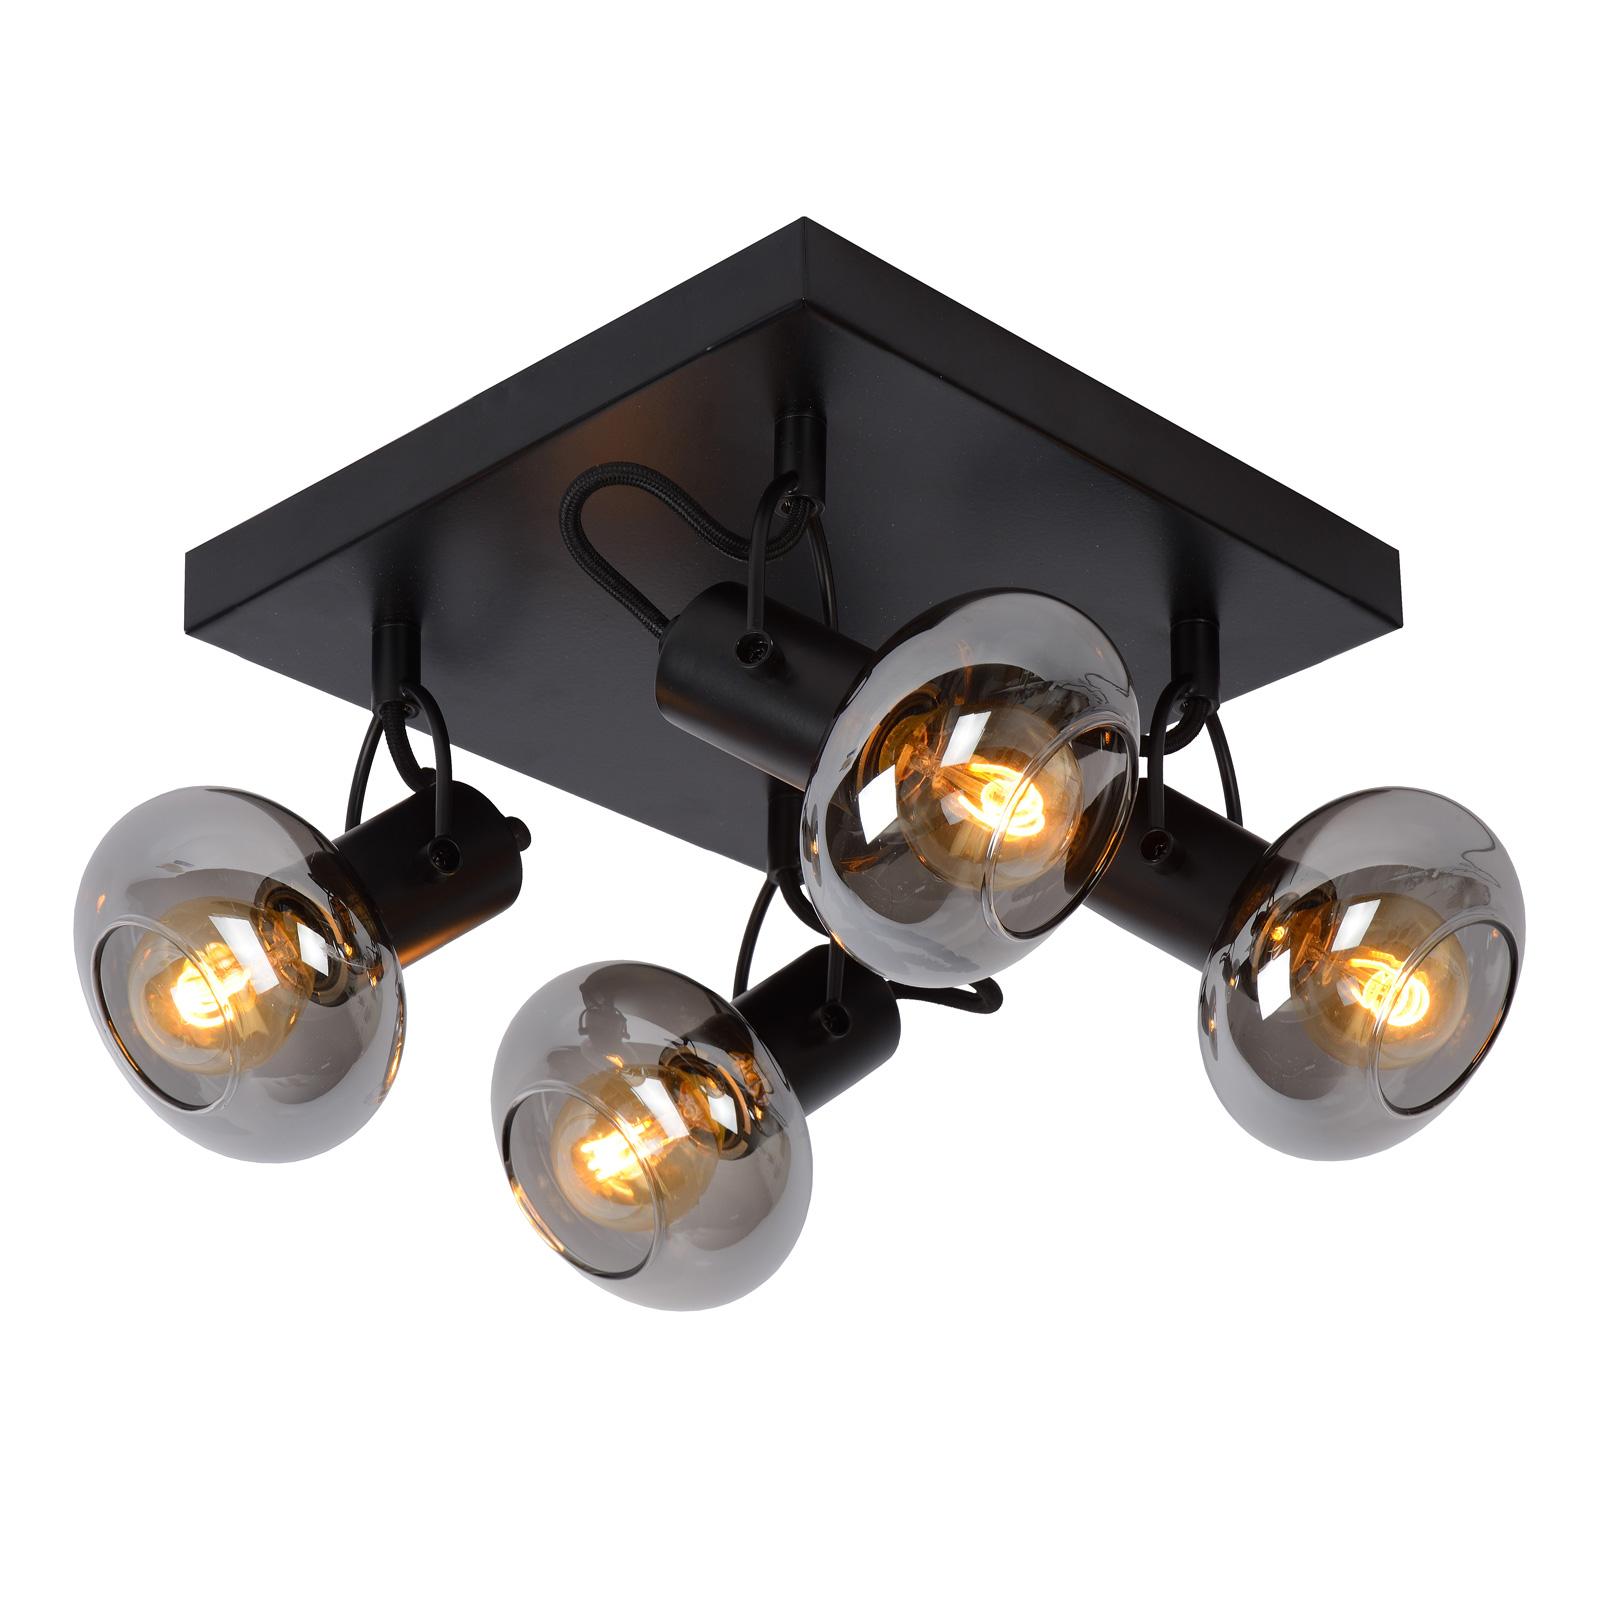 Faretto soffitto Madee, nero/fumè, 4 luci